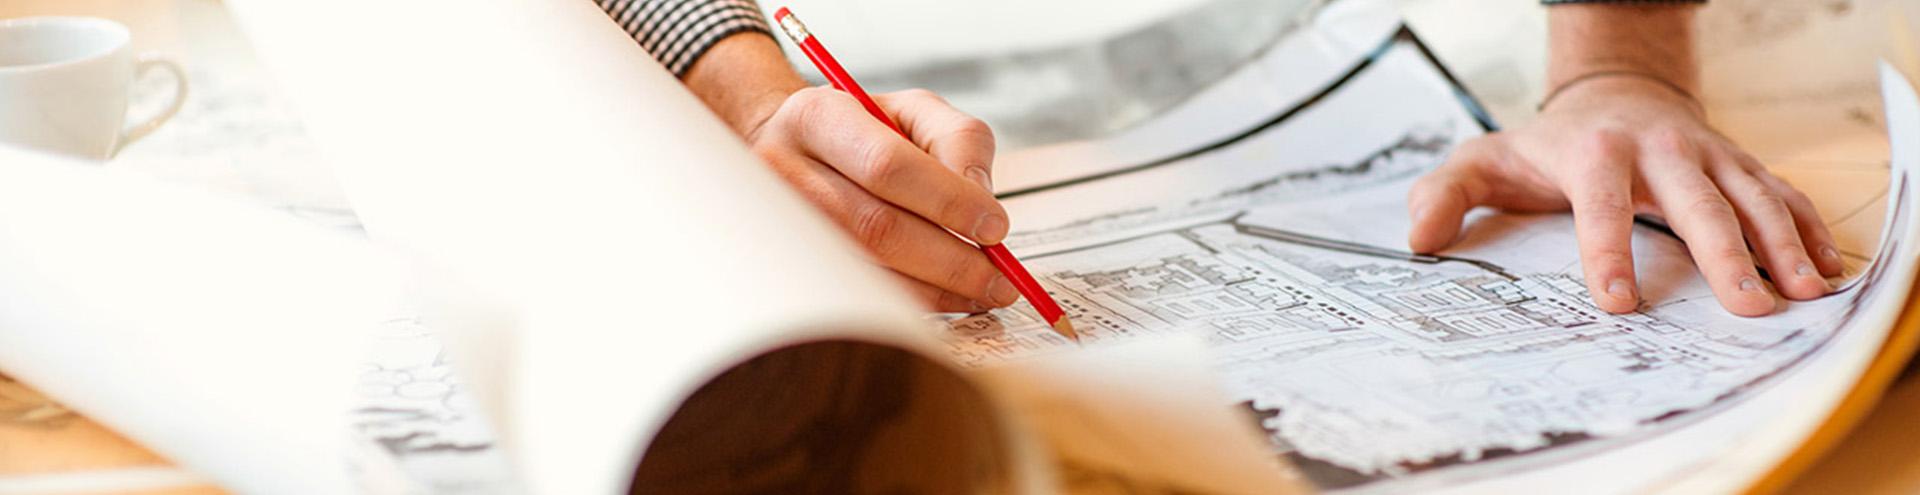 установление сервитута для юридических лиц в Уфе